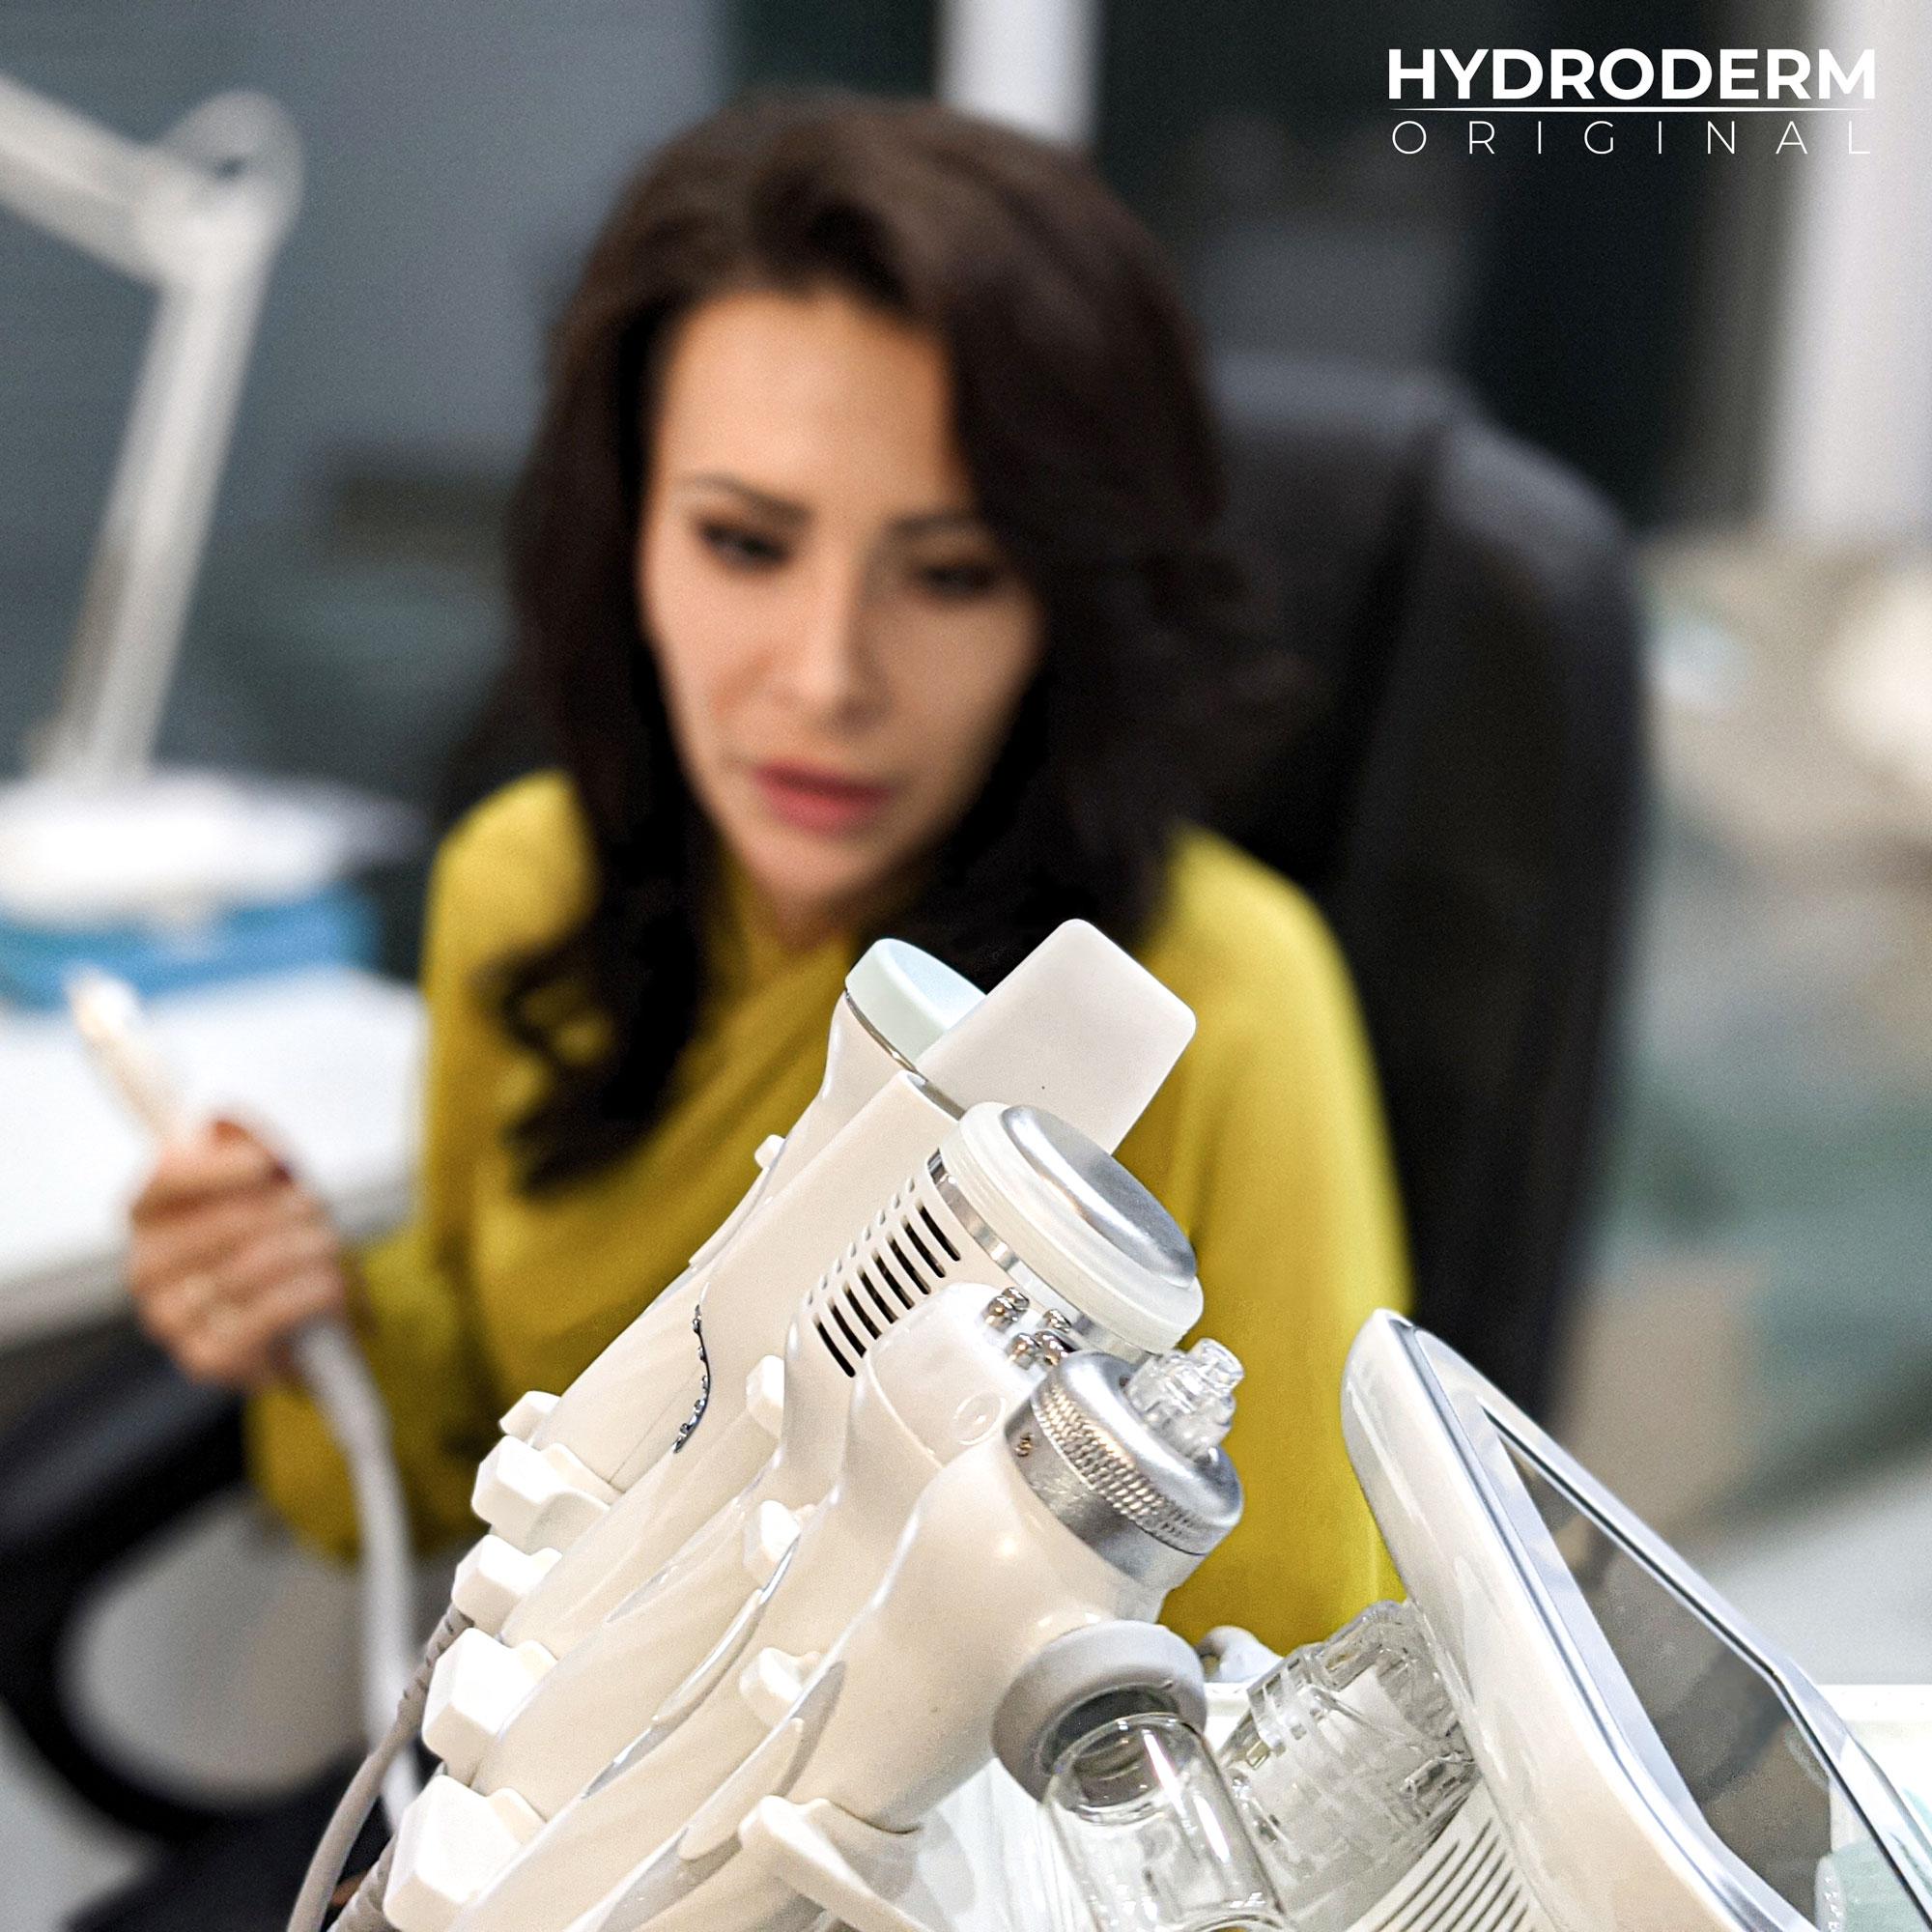 Urządzenie posiada aż 9 sztuk różnych końcówek zabiegowych do głowicy oczyszczania wodorowego